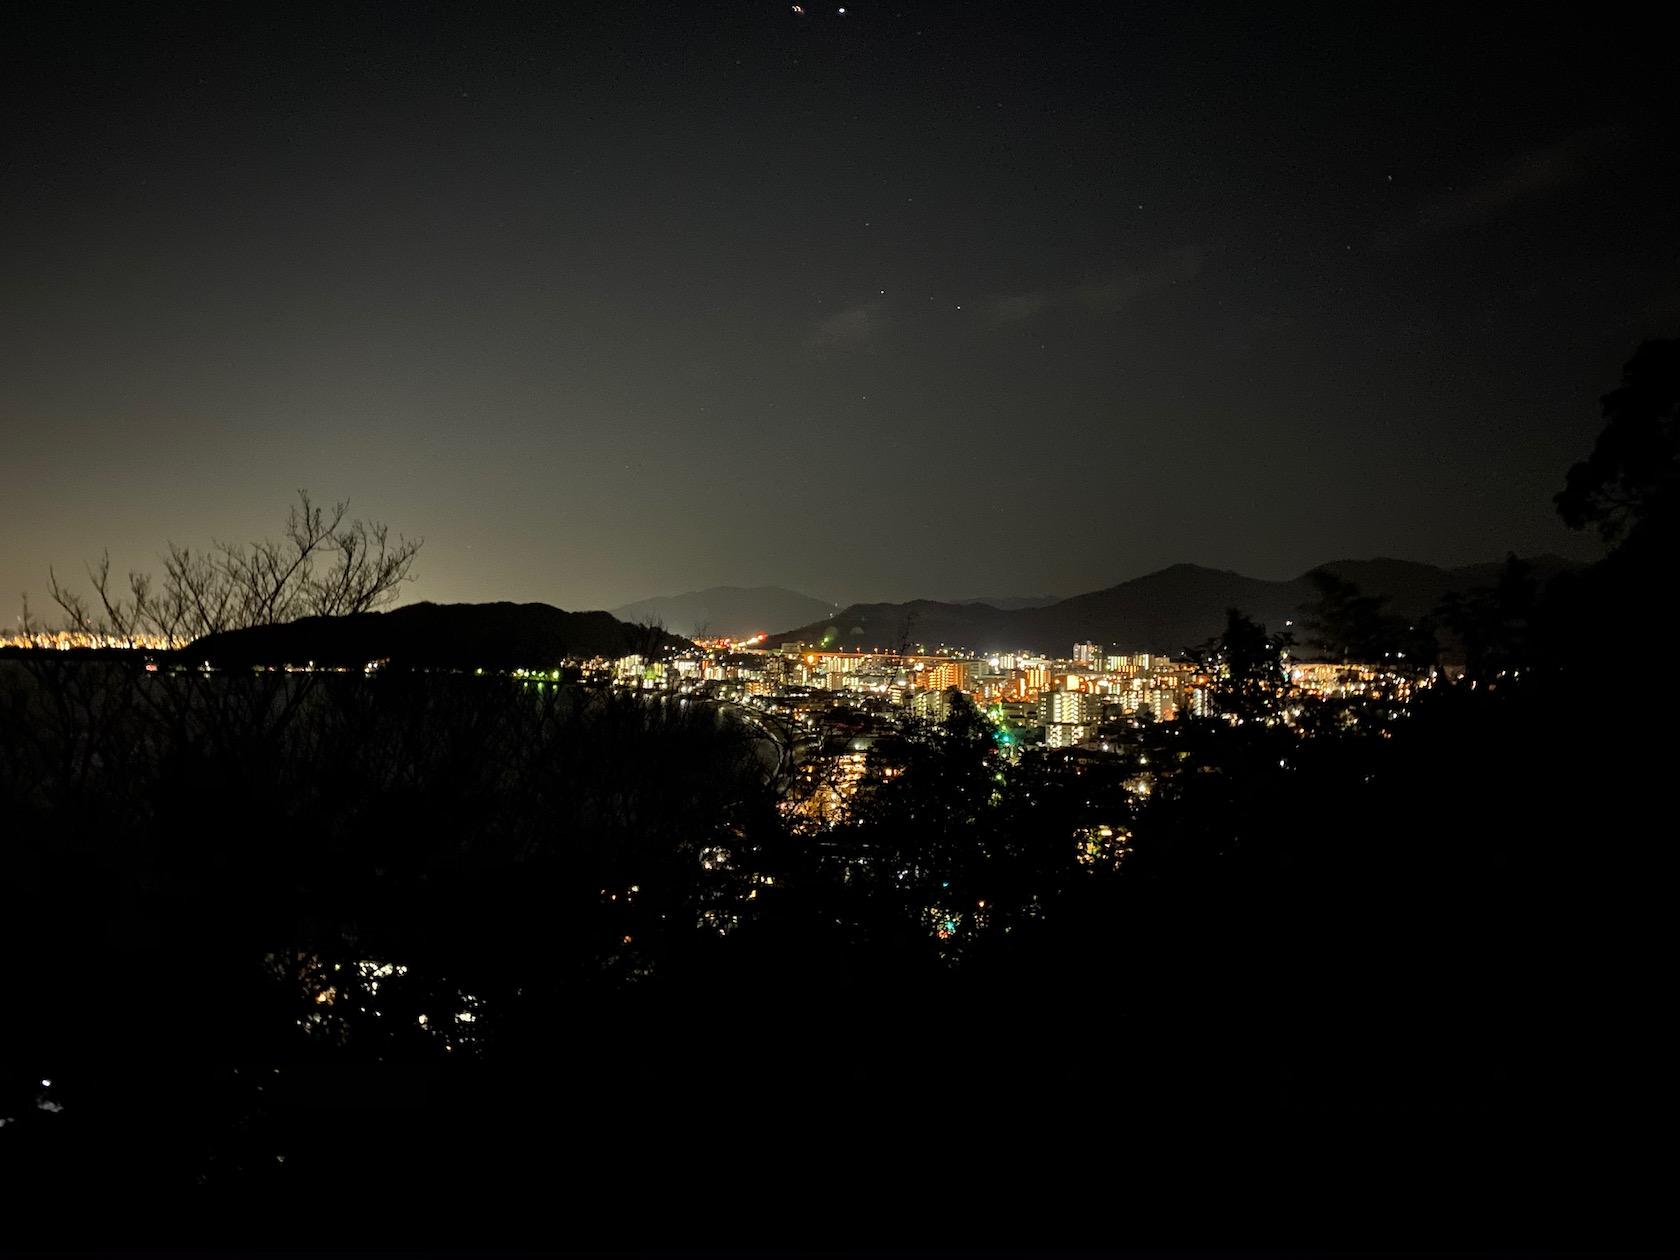 今山から見る今宿( iPhone 11 で撮影)